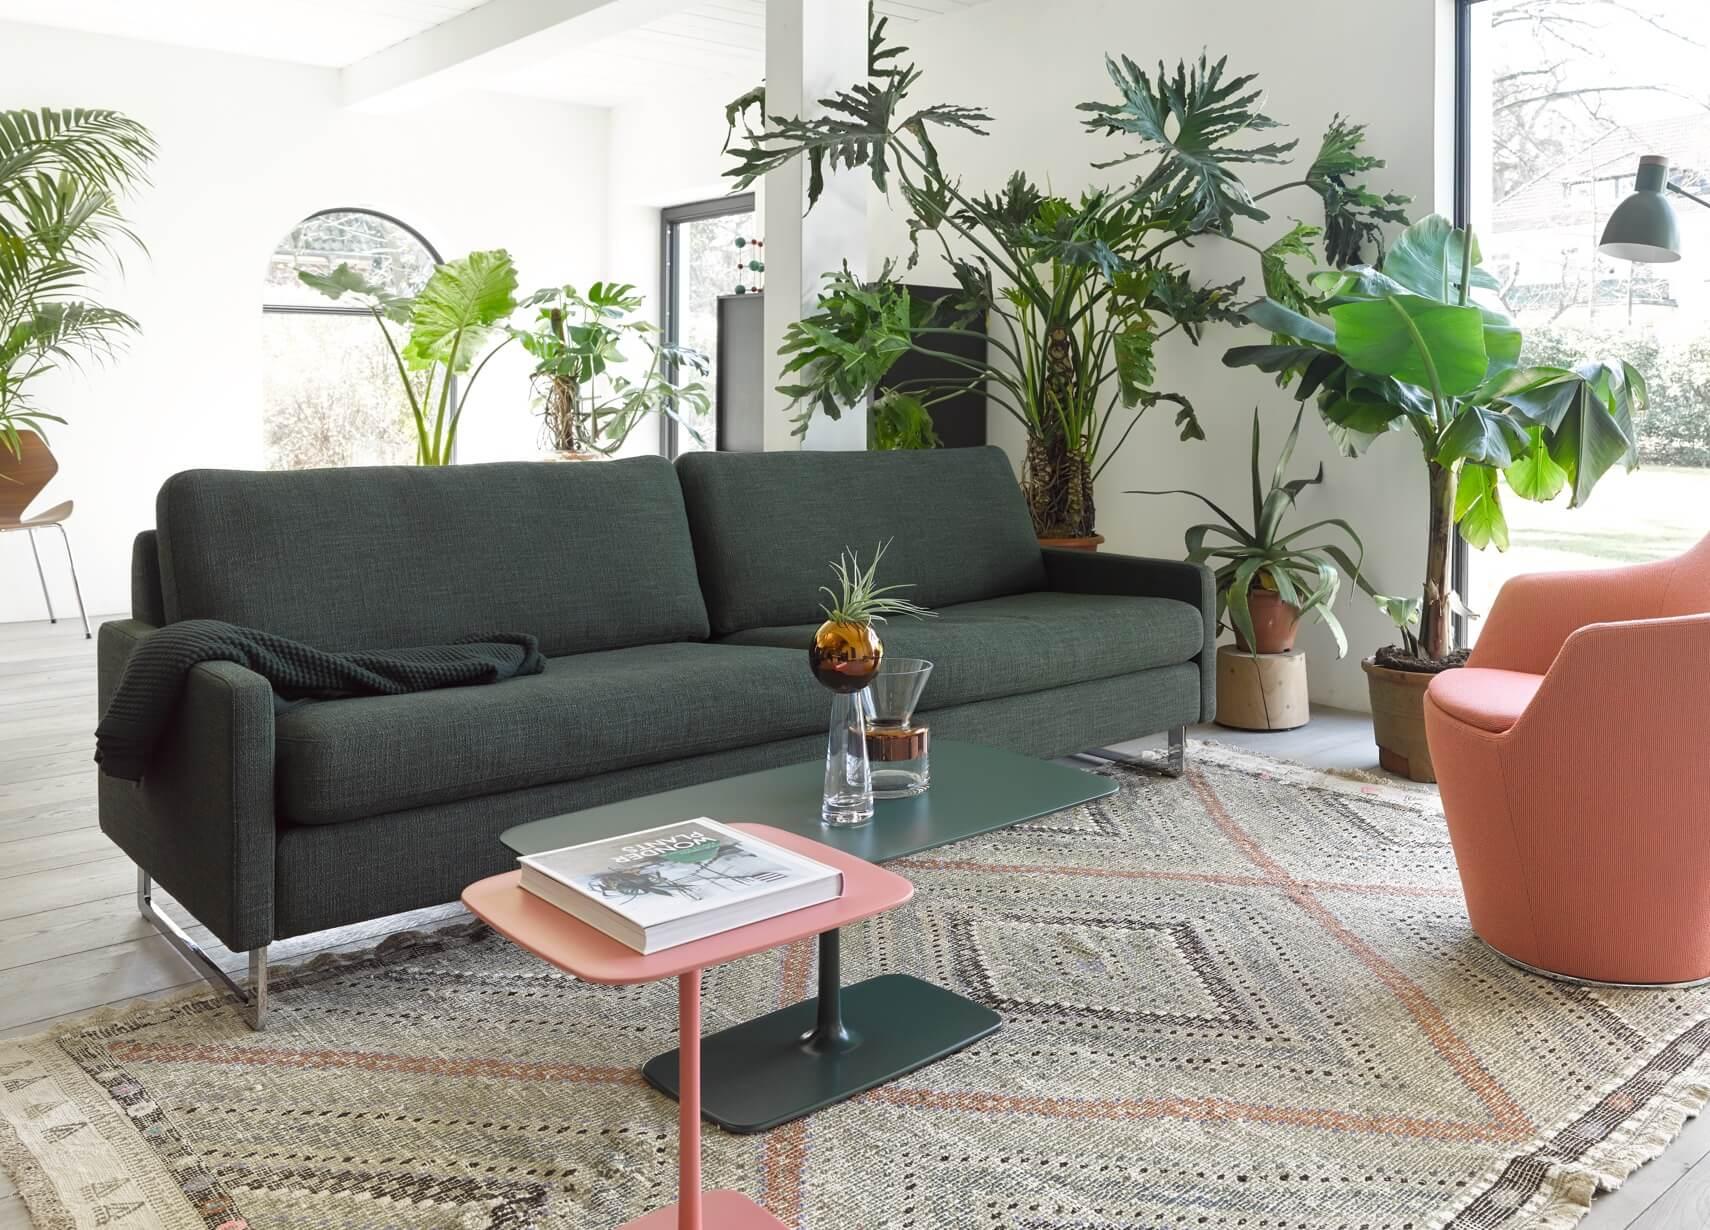 Sofa Bodennah sofa bodennah attersee in leder bffel terra d bodennah with sofa bodennah amazing sofa turner